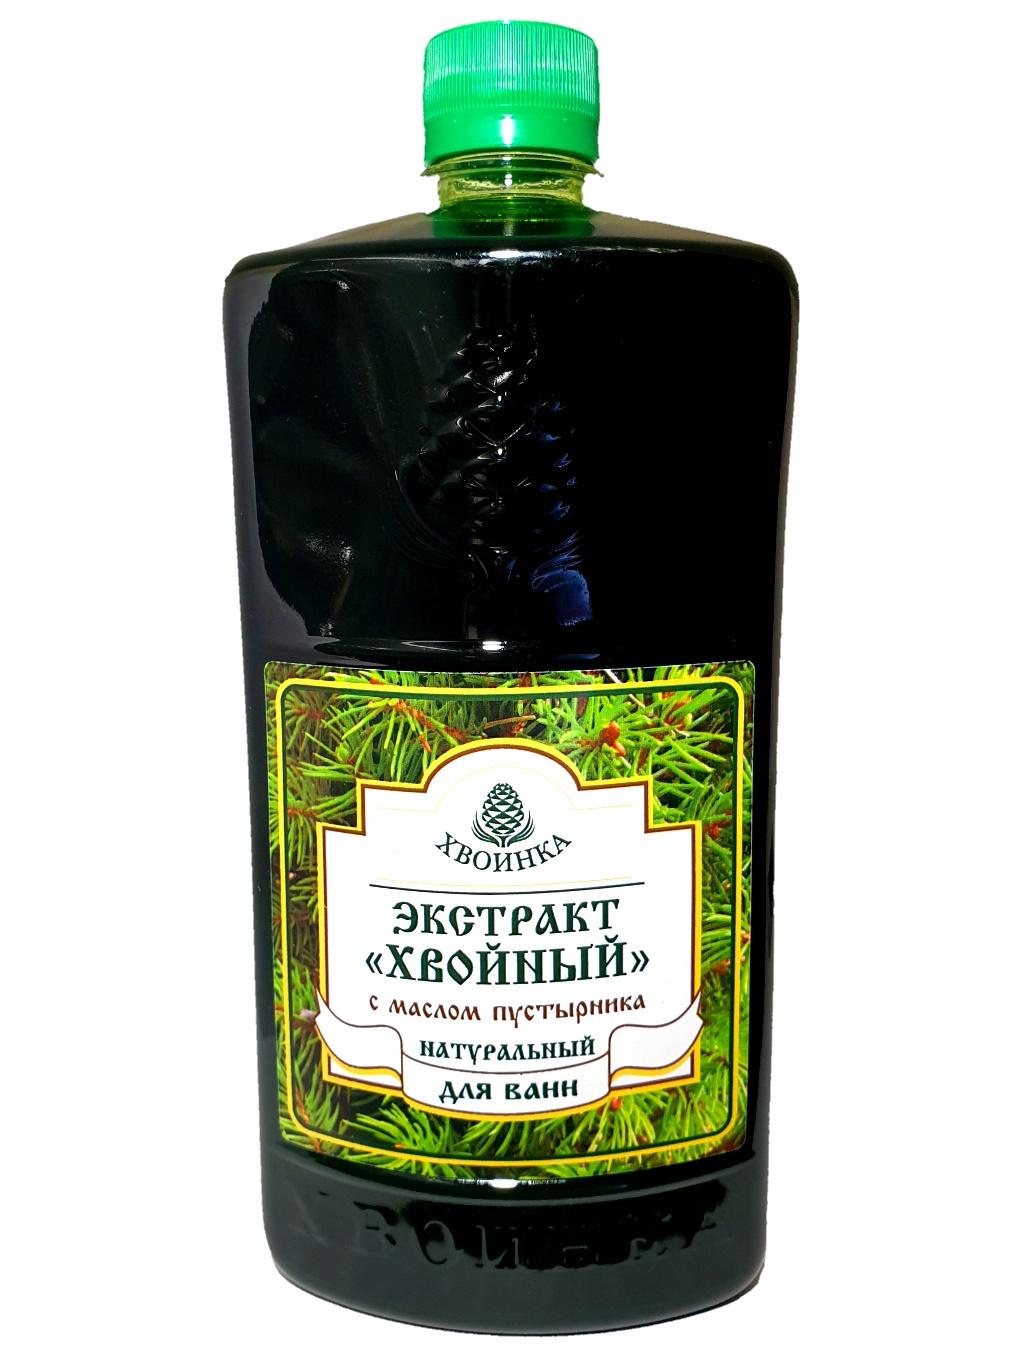 Хвоинка Экстракт хвойный натуральный для ванн с эфирным маслом Пустырника флакон, 1 л